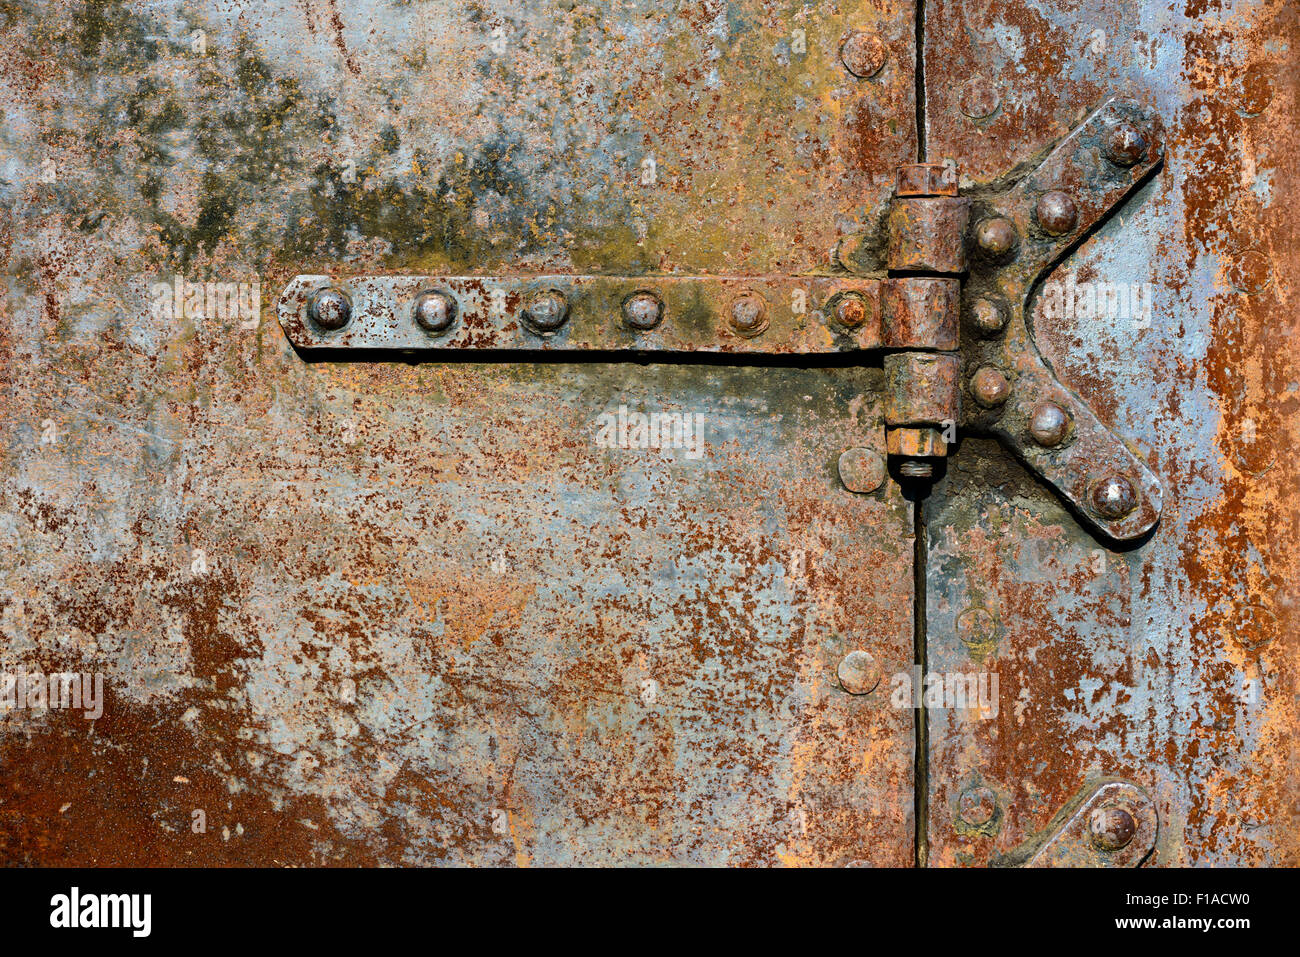 Rusty Metal Door backgrounds and textures: rusty metal door surface with riveted